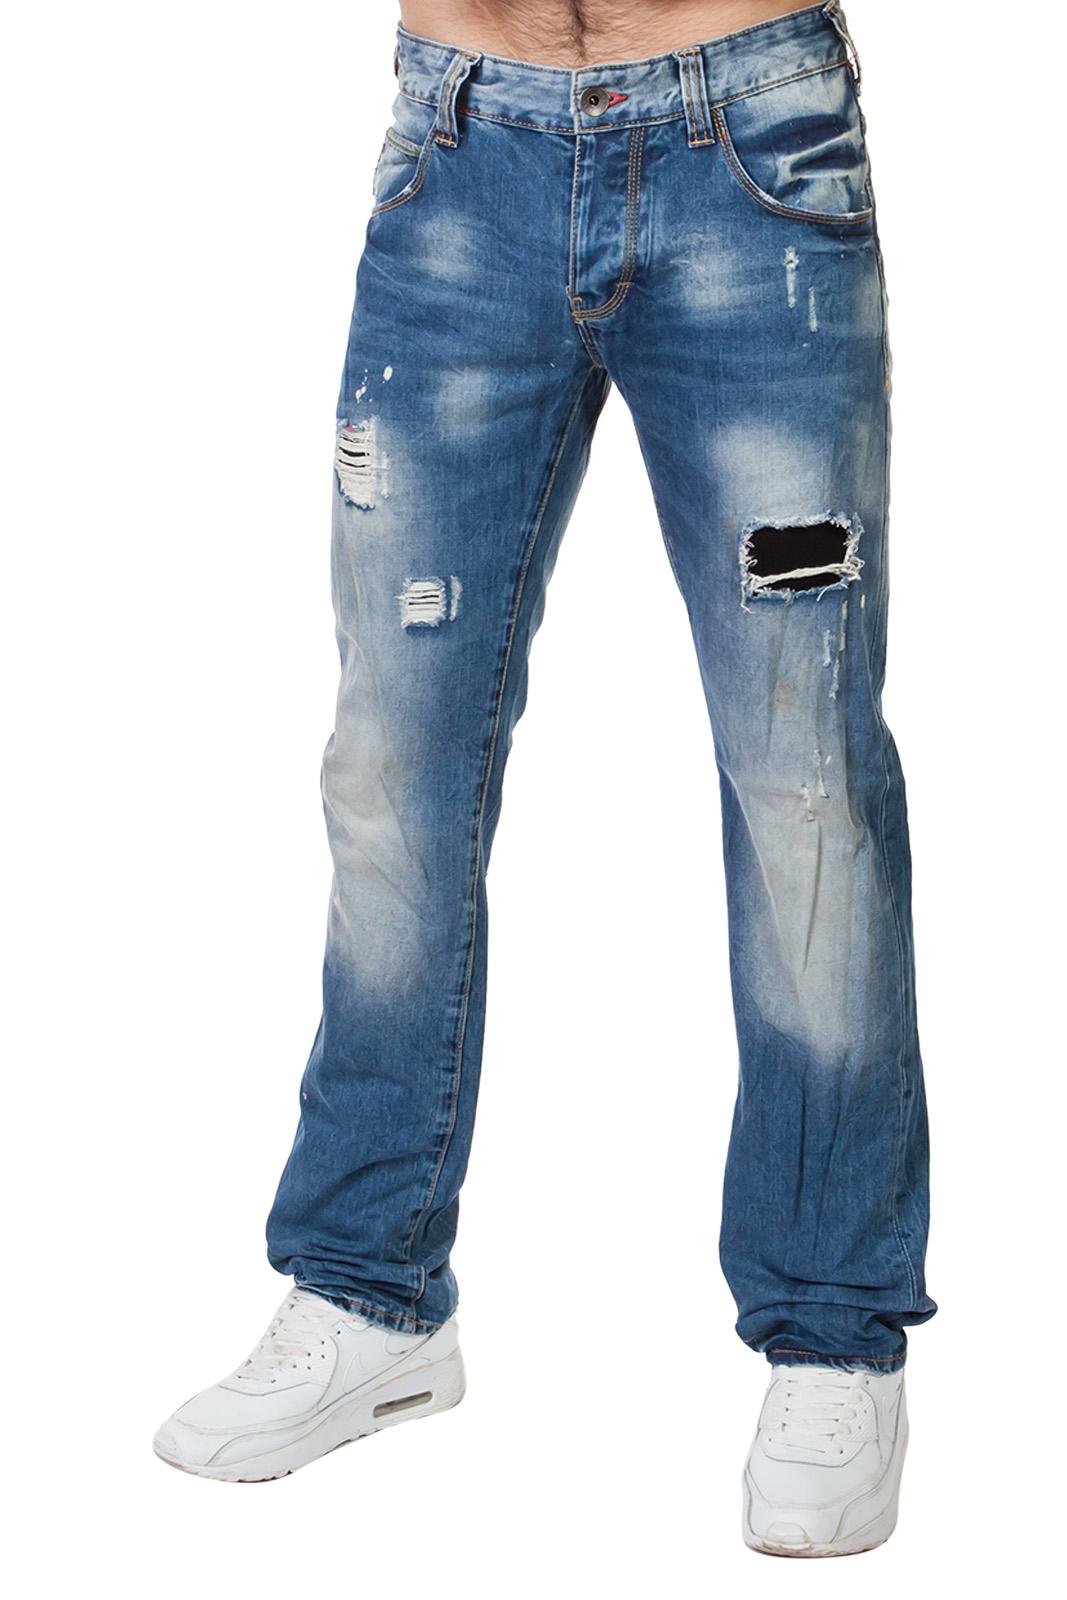 Купить в Москве оригинальные мужские джинсы